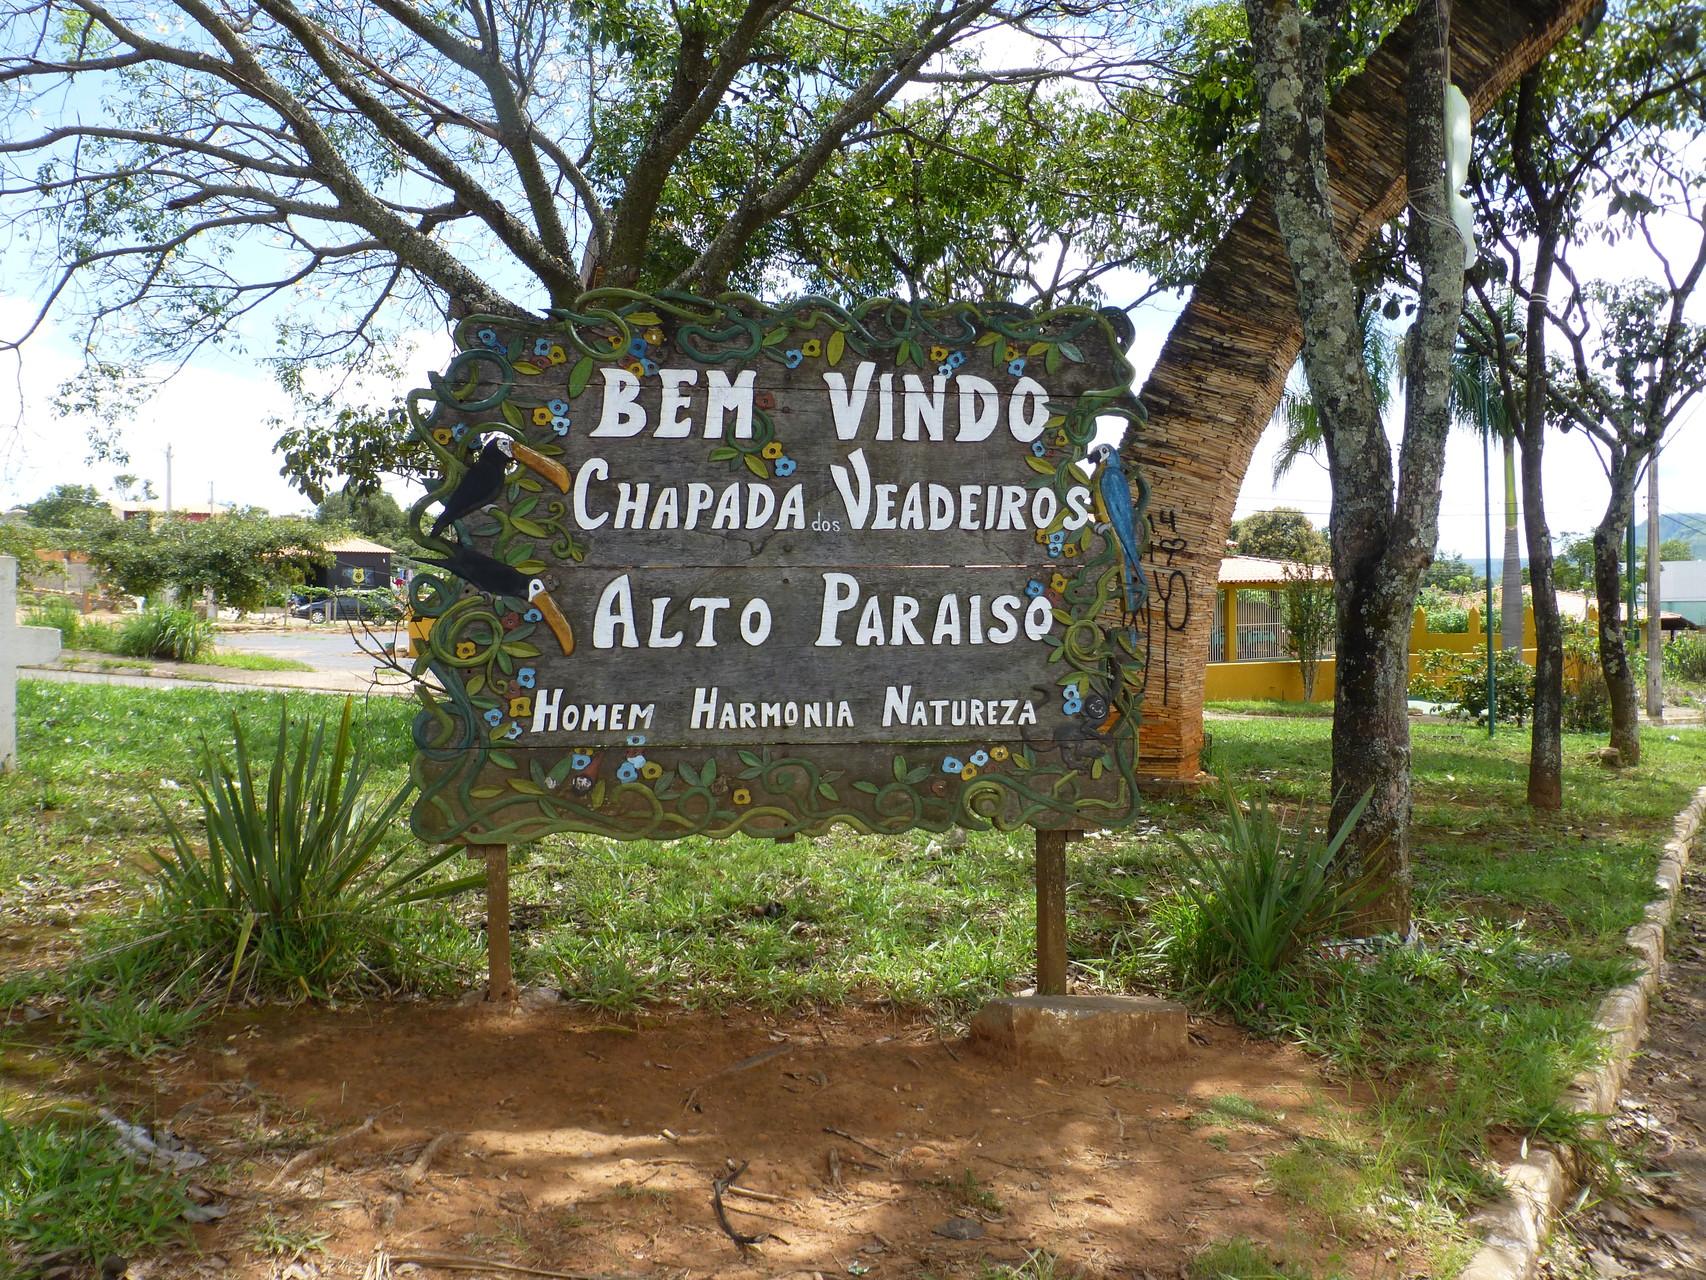 Brasilien: Chapad dos Veadeiros